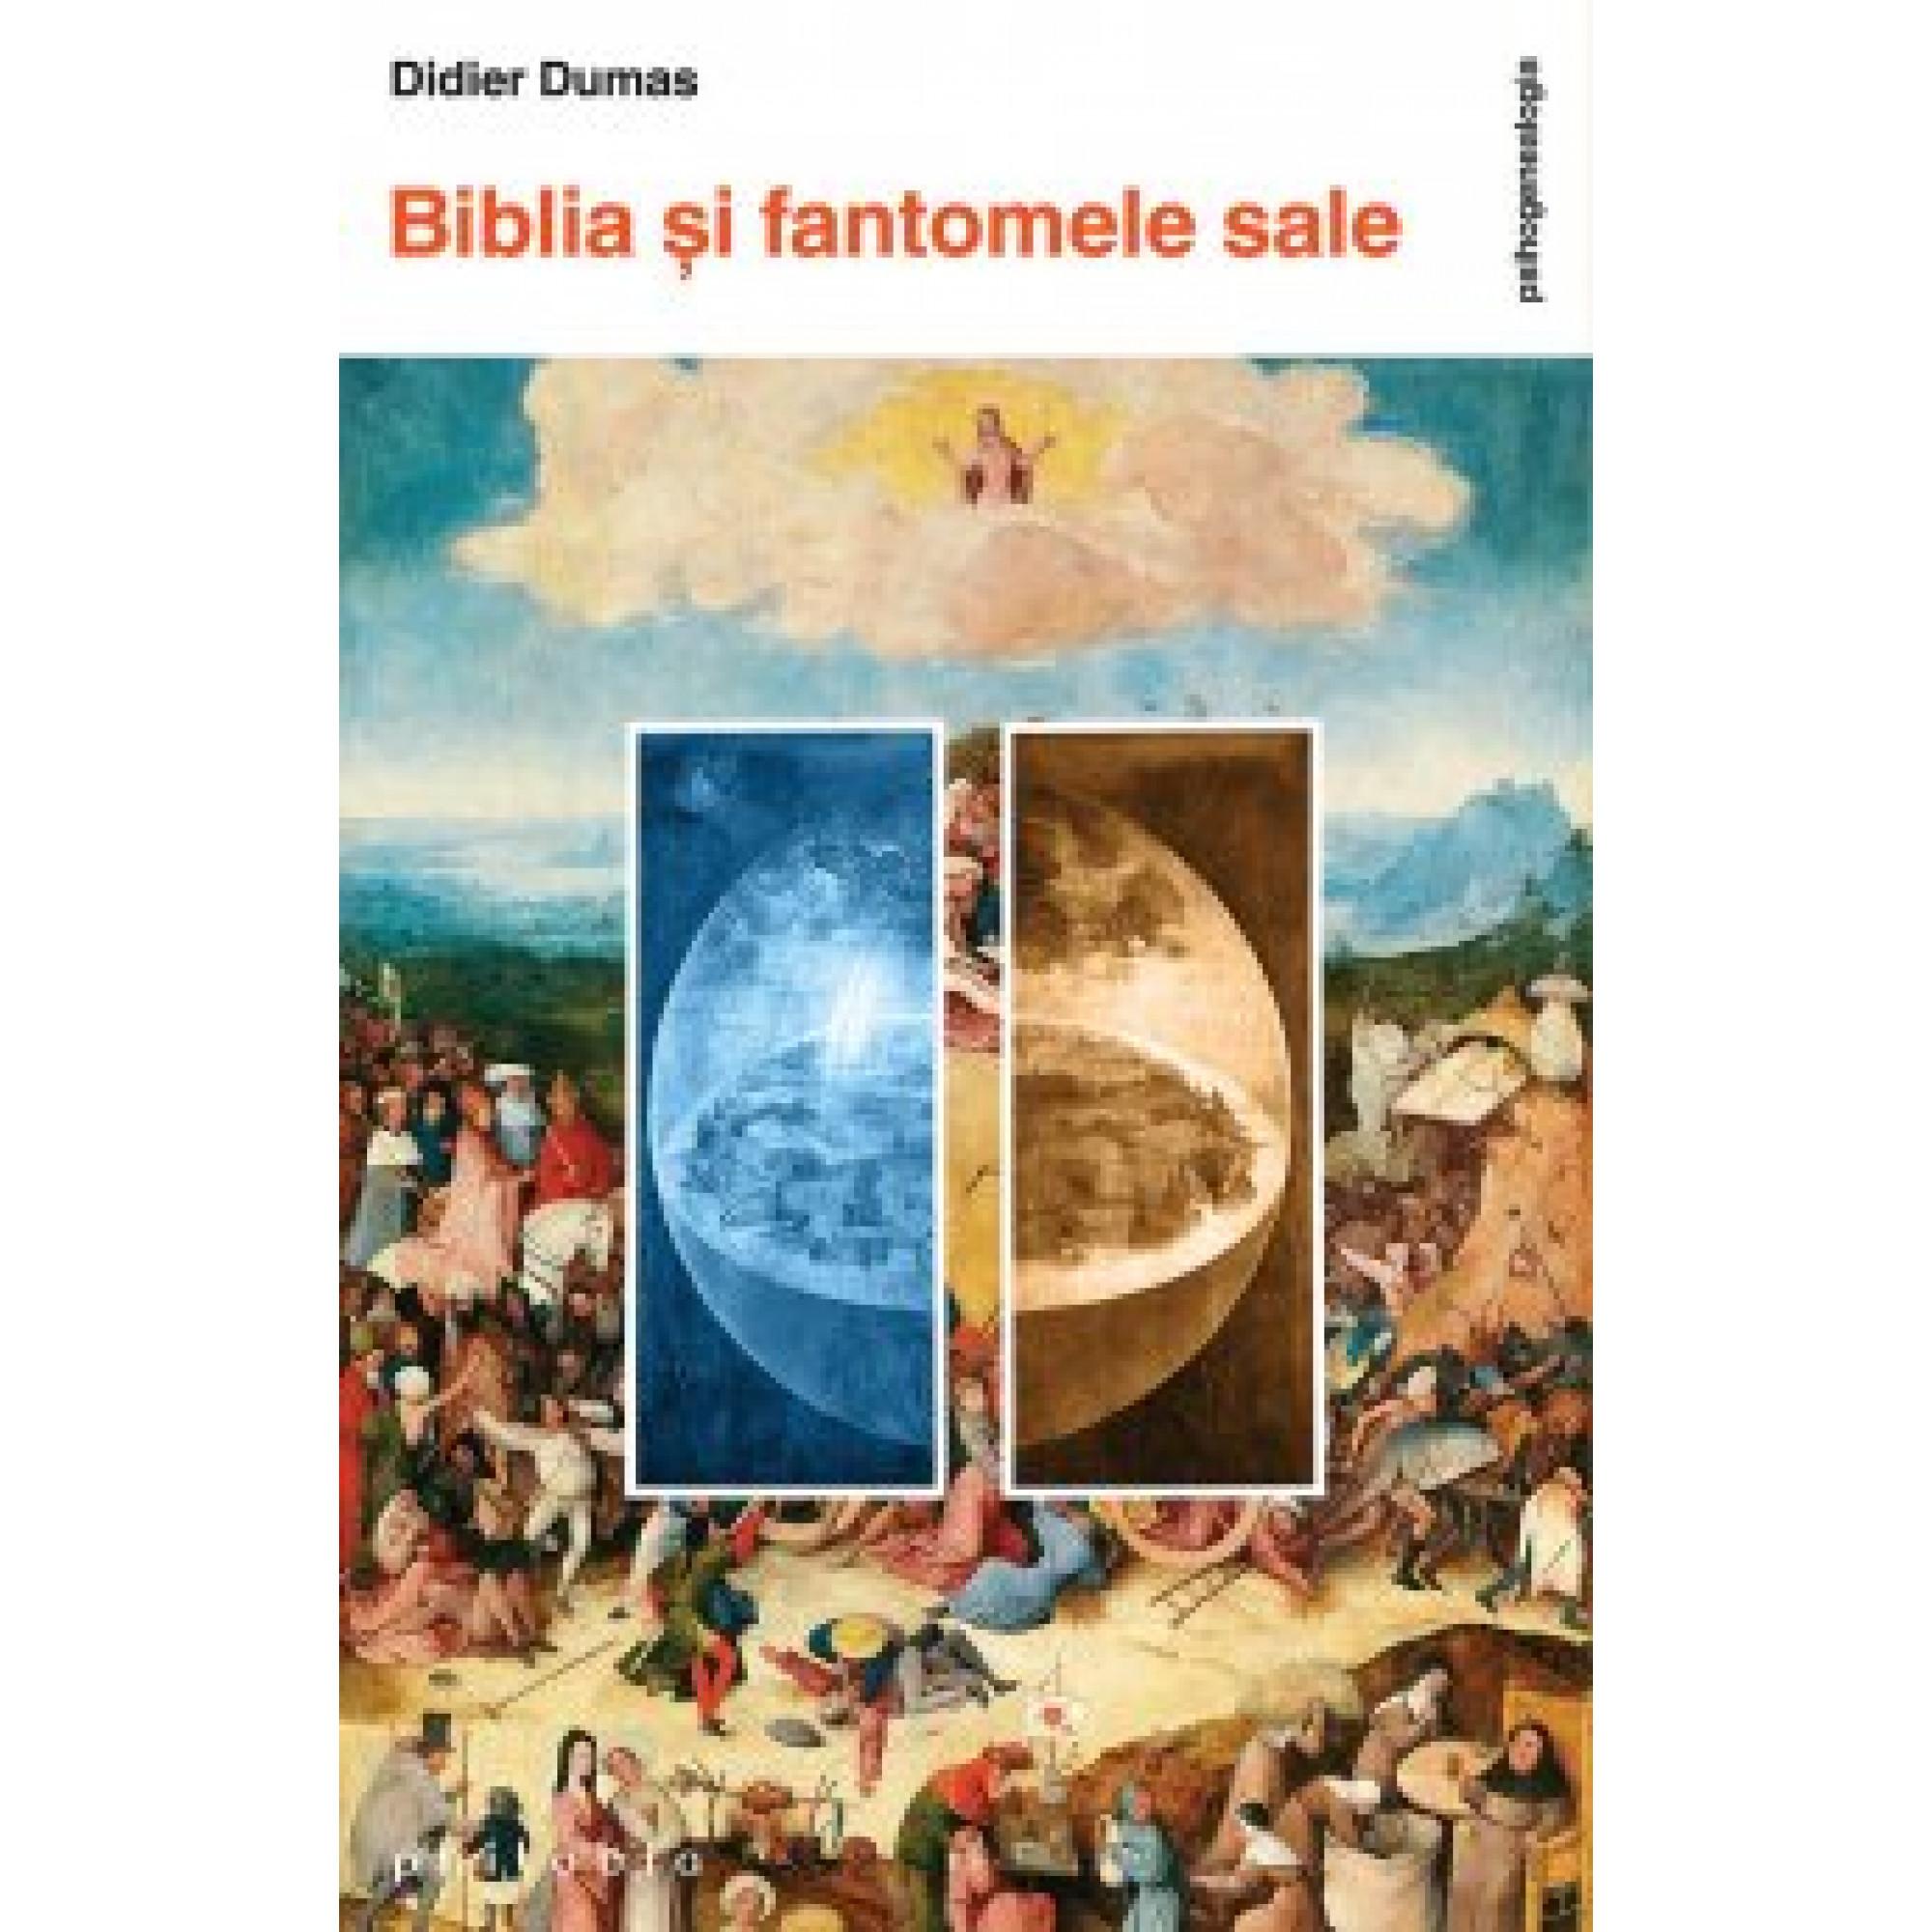 Biblia şi fantomele sale